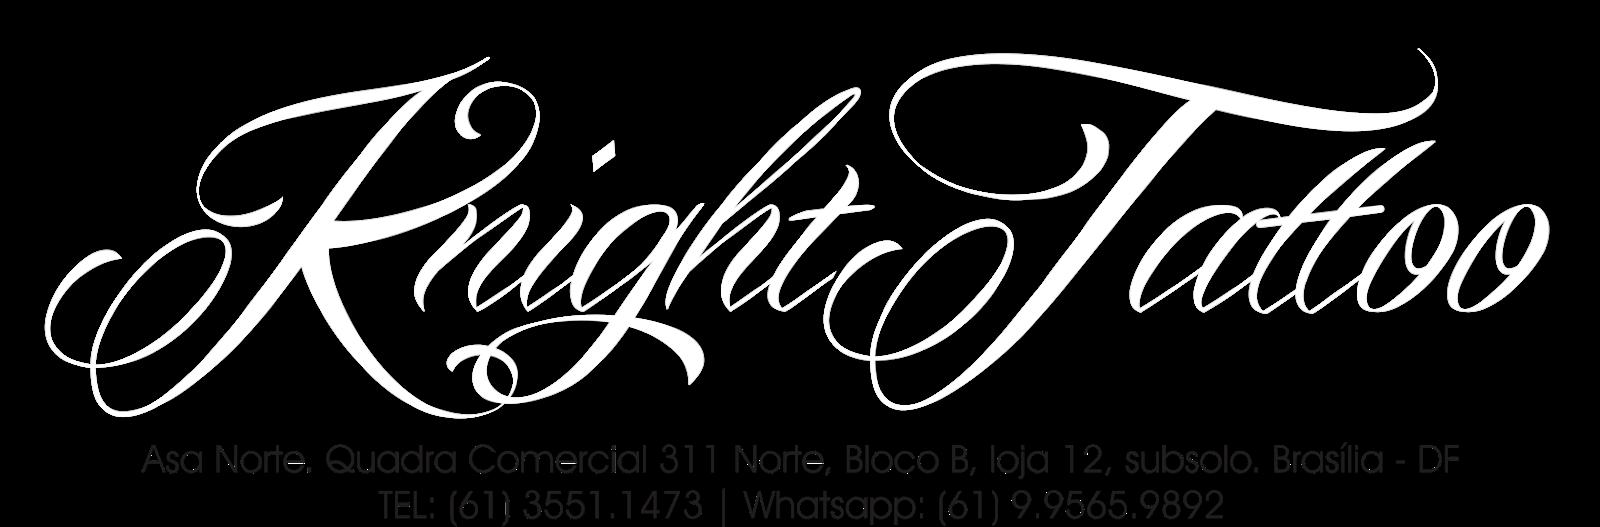 Estúdio Knight Tattoo